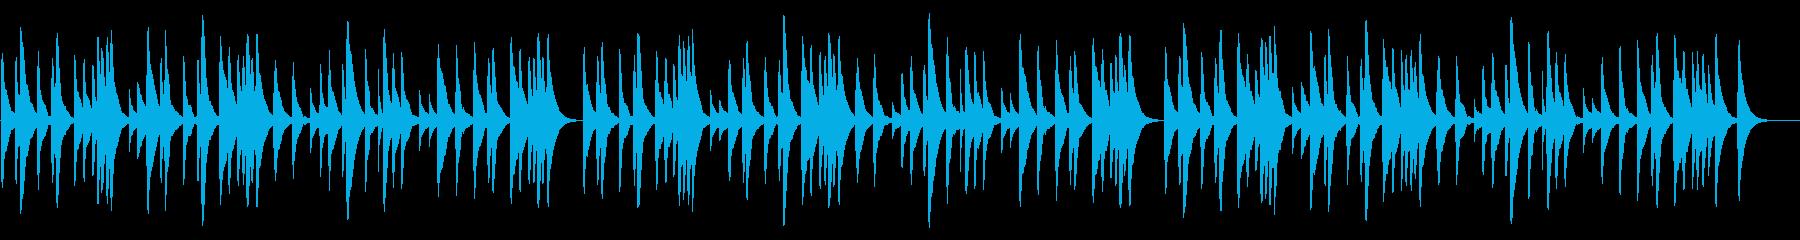 シューベルトの子守唄 18弁オルゴールの再生済みの波形